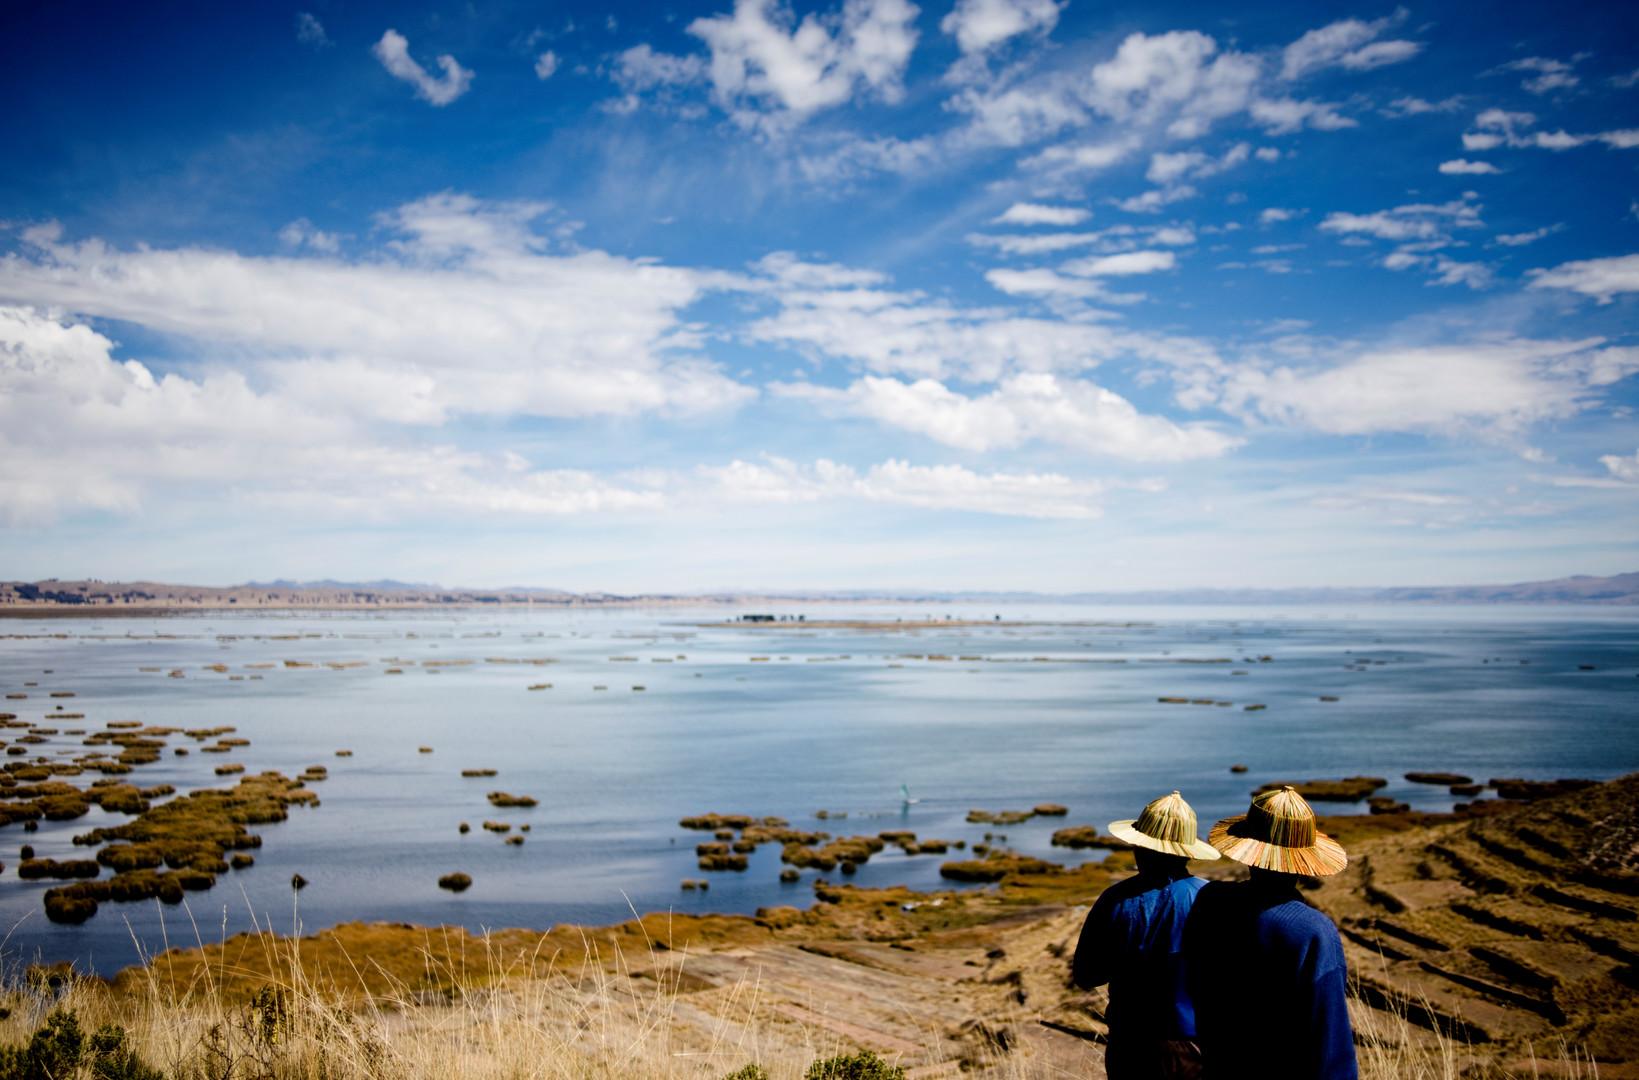 Limachi arbeitet mit seinem Schwiegersohn als Reiseleiter am Titicacasee